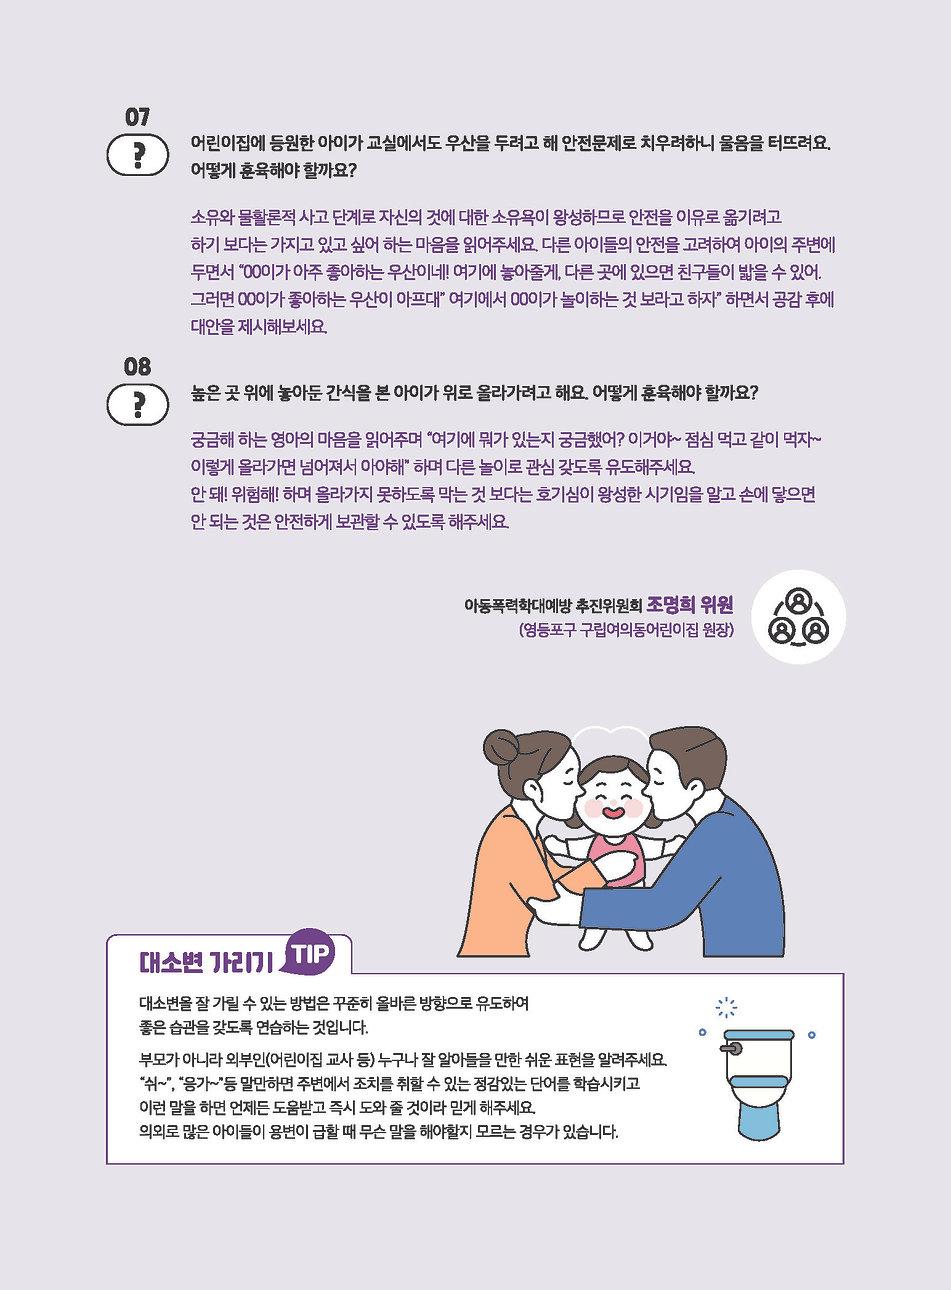 최종)훈육가이드(송부용)_페이지_09.jpg